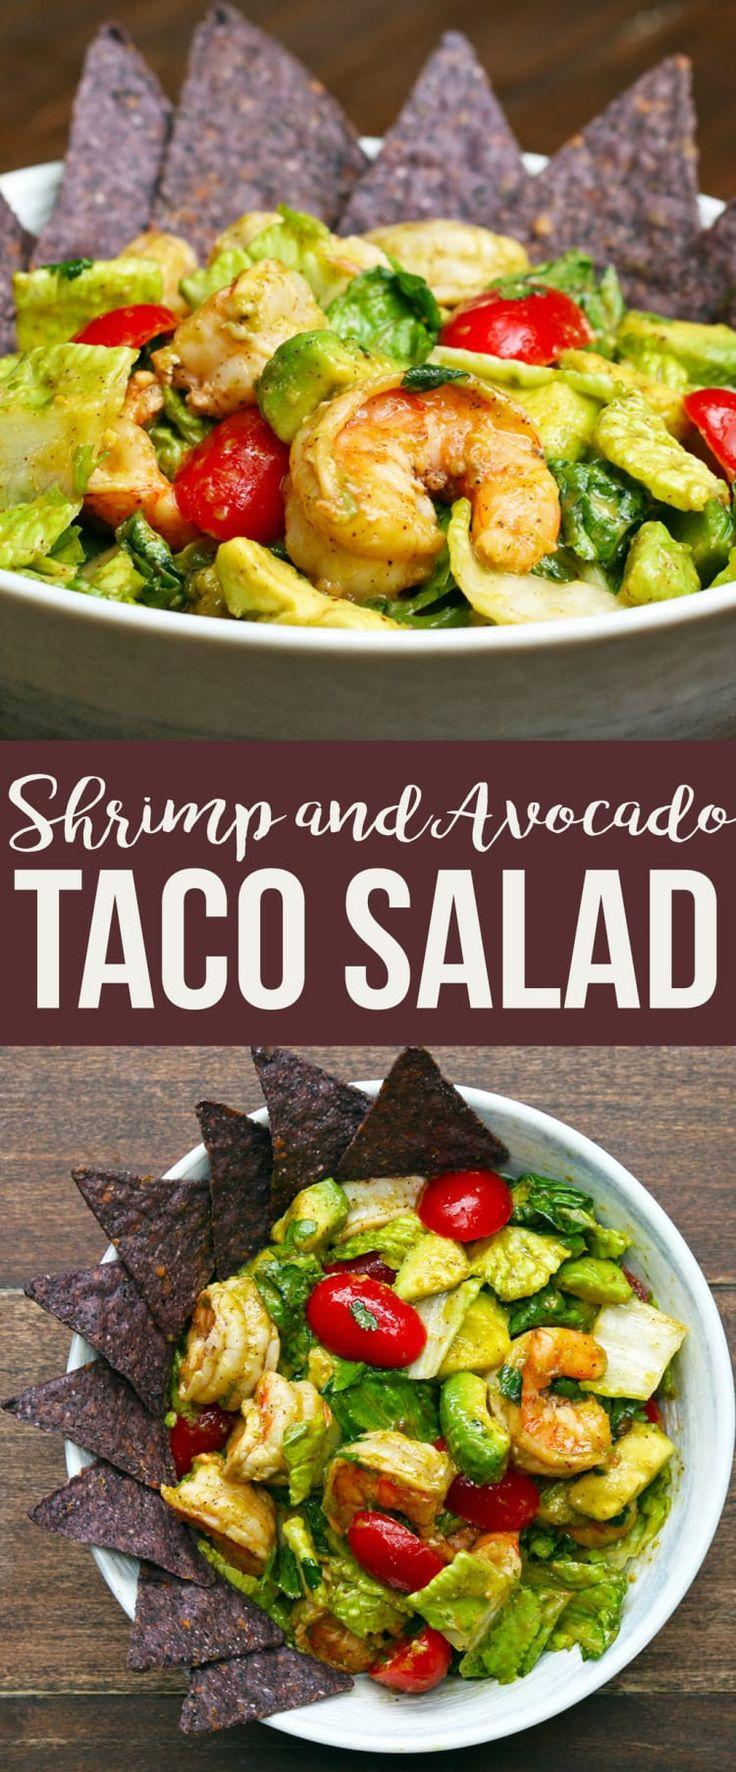 具沢山がうれしい♪ えびとアボカドのタコス風サラダ